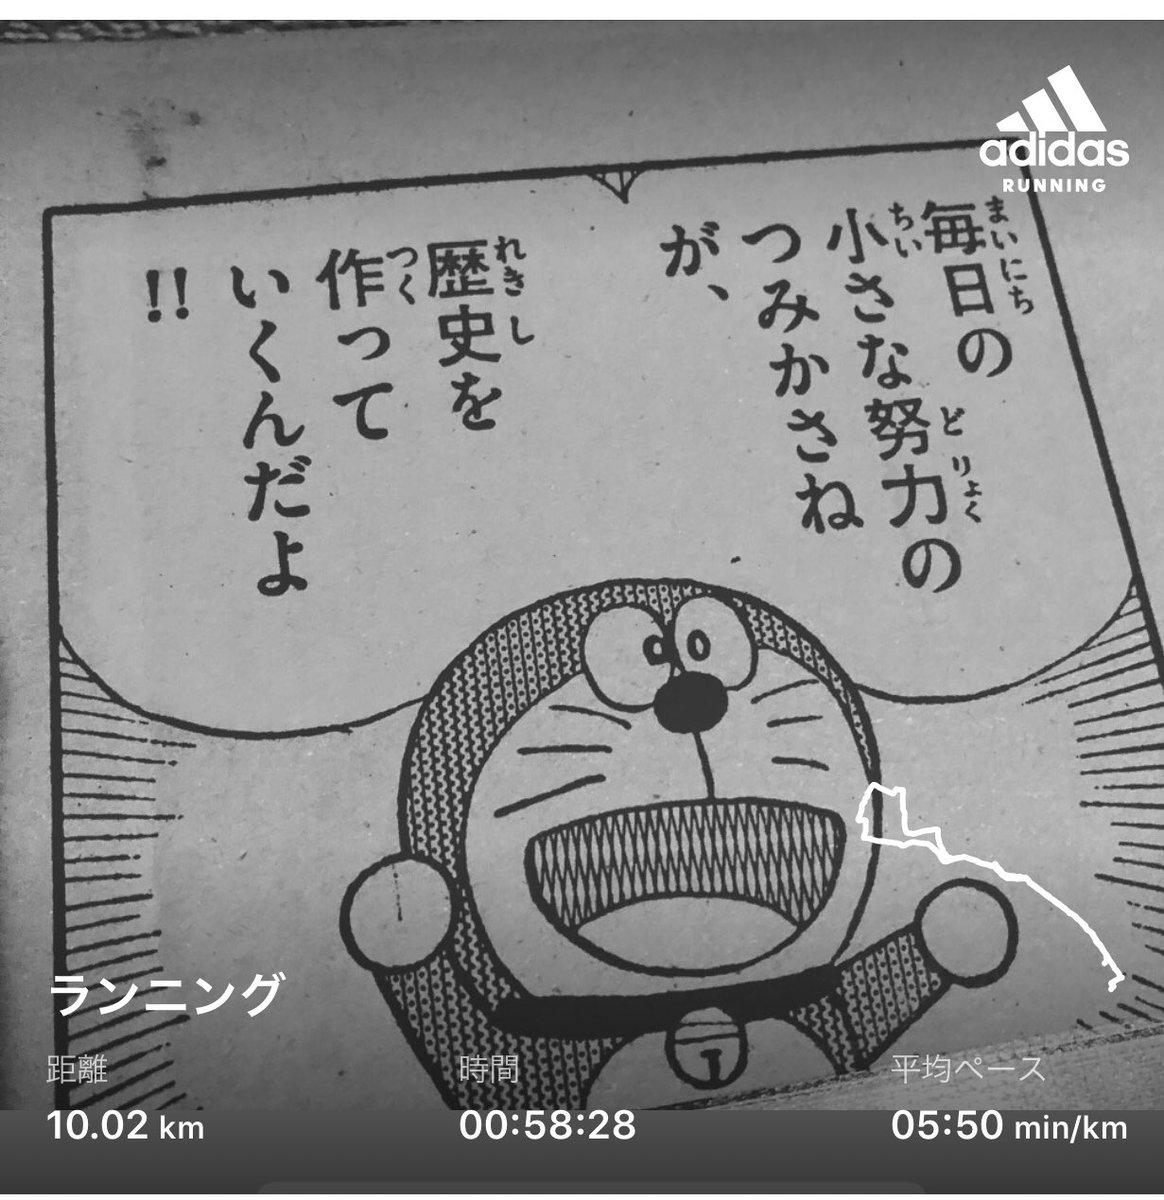 おはようございます! 東京10km朝ラン終了!今日も快晴で走りやすかったです! 心身共に健康で 今日は今週からの神戸→高松→福岡→広島→岡山→名古屋のSTINGRAY&サウシュー写真展の準備日&夜は楽しみな会! #ランニング  #stingrun #adidas #adidasultraboost  #run #running #心身ともに健康で https://t.co/kLbw6ZxxnZ